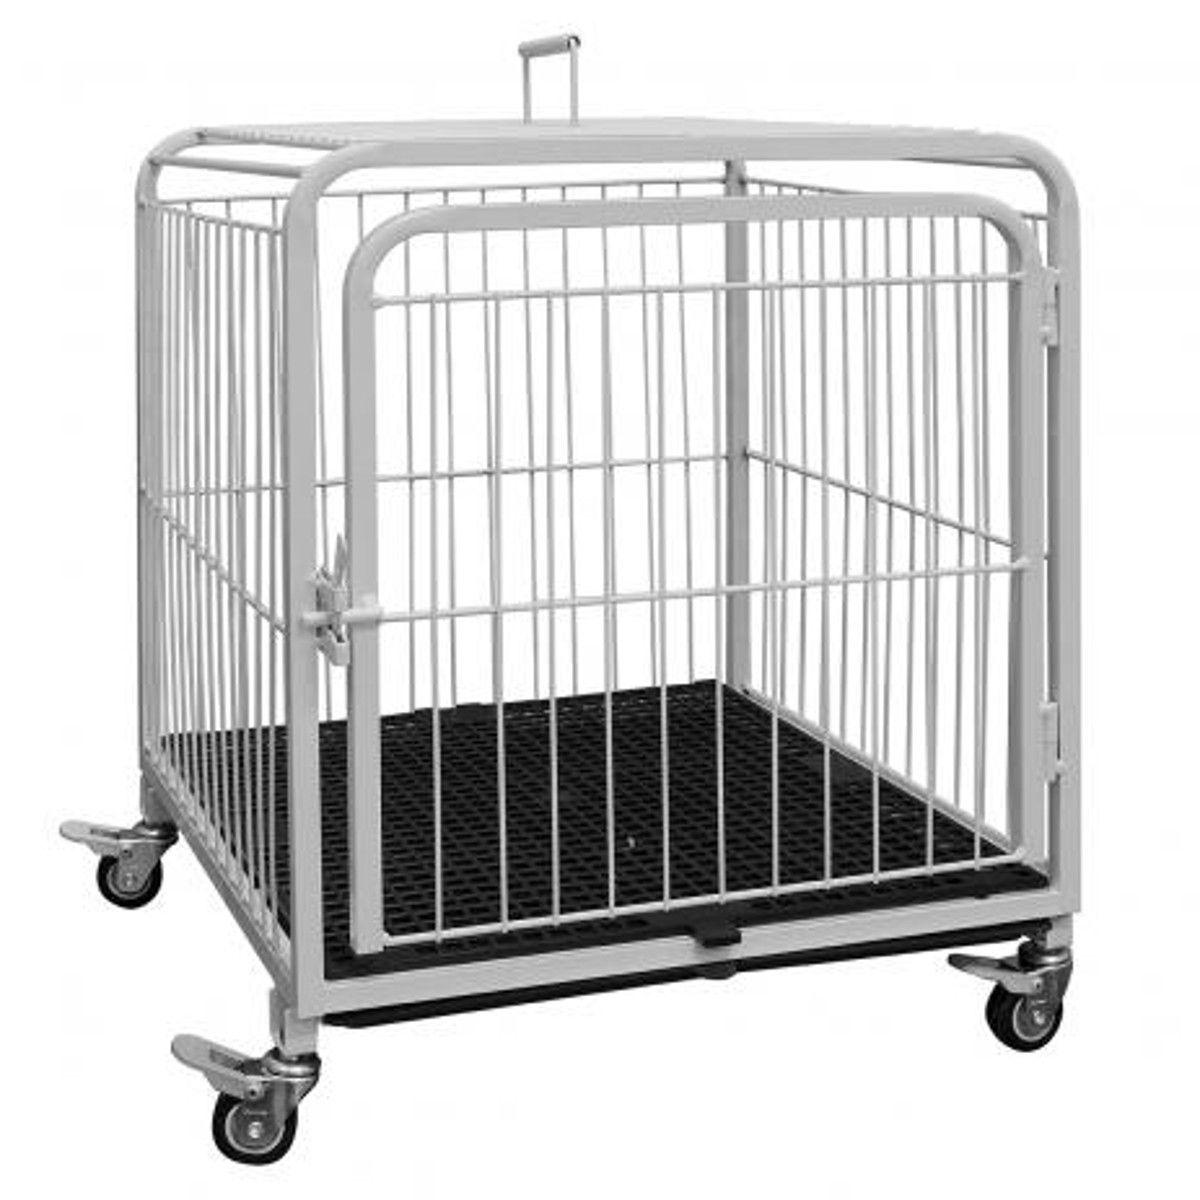 Canil/Gatil Gaiola Pet c/ Alça de Transporte e Rodinhas Petmix - Açomix